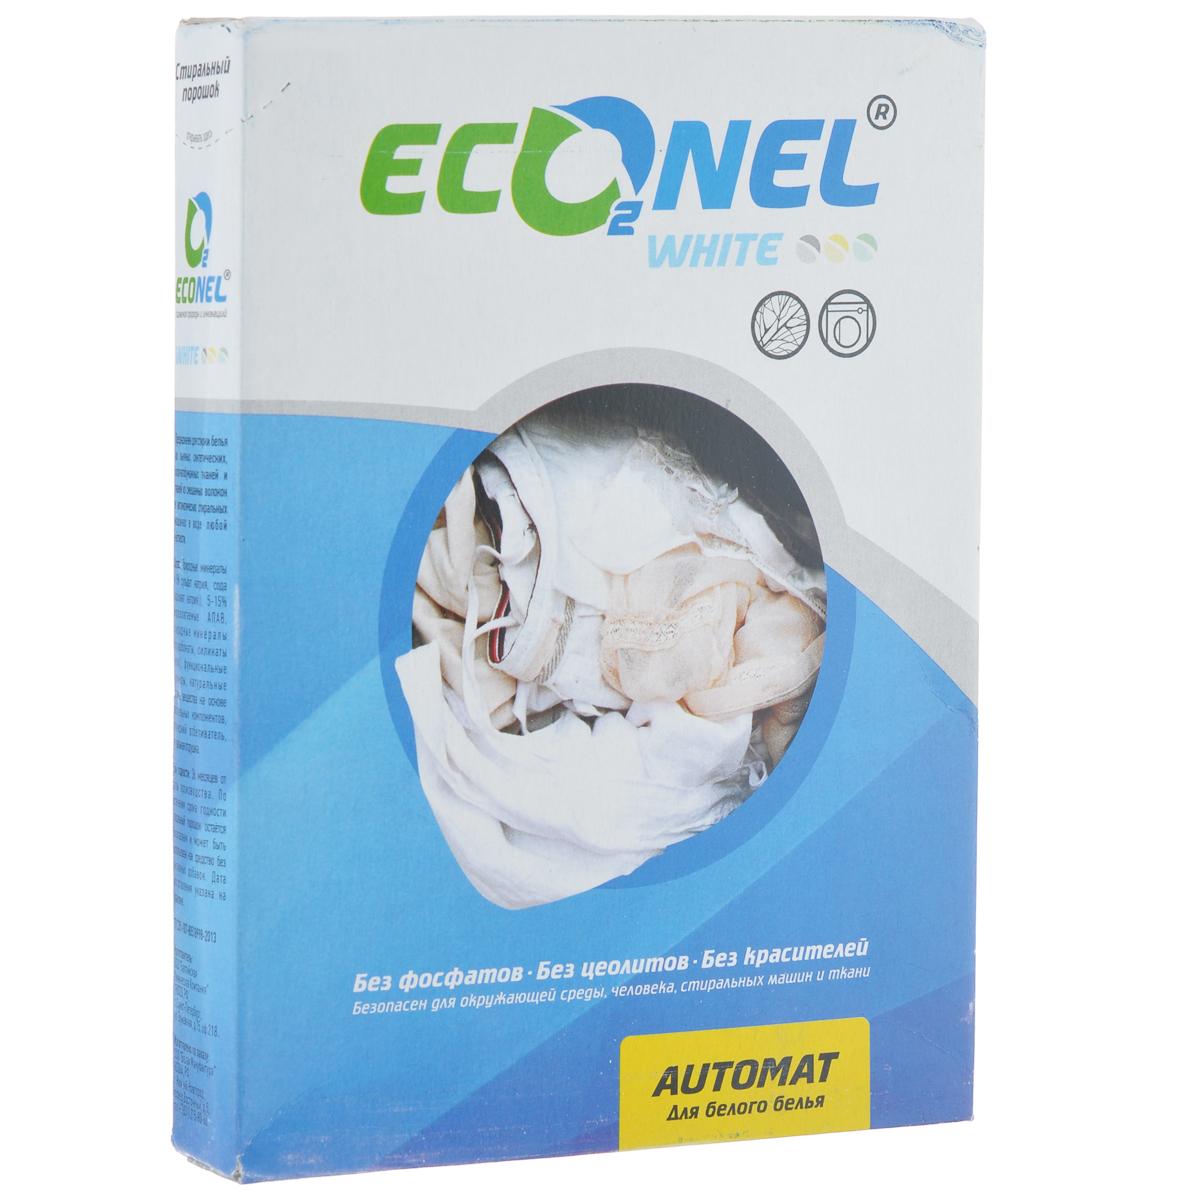 Стиральный порошок Econel White, автомат, для белого белья, 400 г870139Стиральный порошок Econel White предназначен для стирки белья из льняных, синтетических, хлопчатобумажных тканей и тканей из смешанных волокон в автоматических стиральных машинах в воде любой жесткости. Полностью биоразлагаемый порошок, не наносит вреда окружающей среде. Современное производство не образует пыли, которая может раздражать дыхательные пути. Высокоэффективная стирка за счет содержания современных активных компонентов. Эффективен даже при низких температурах стирки. Сохраняет цвет вещей после многократных стирок. Не содержит искусственных отдушек и красителей, не вызывает аллергию. Защищает стиральную машину от накипи. Состав: природные материалы (более 15% сульфата натрия, сода, карбонат натрия); 5-15% биоразлагаемые АПАВ; природные материалы (перкарбонаты, силикаты натрия); функциональные полимеры; натуральные активные вещества на основе растительных компонентов; оптический отбеливатель; натуральная отдушка.